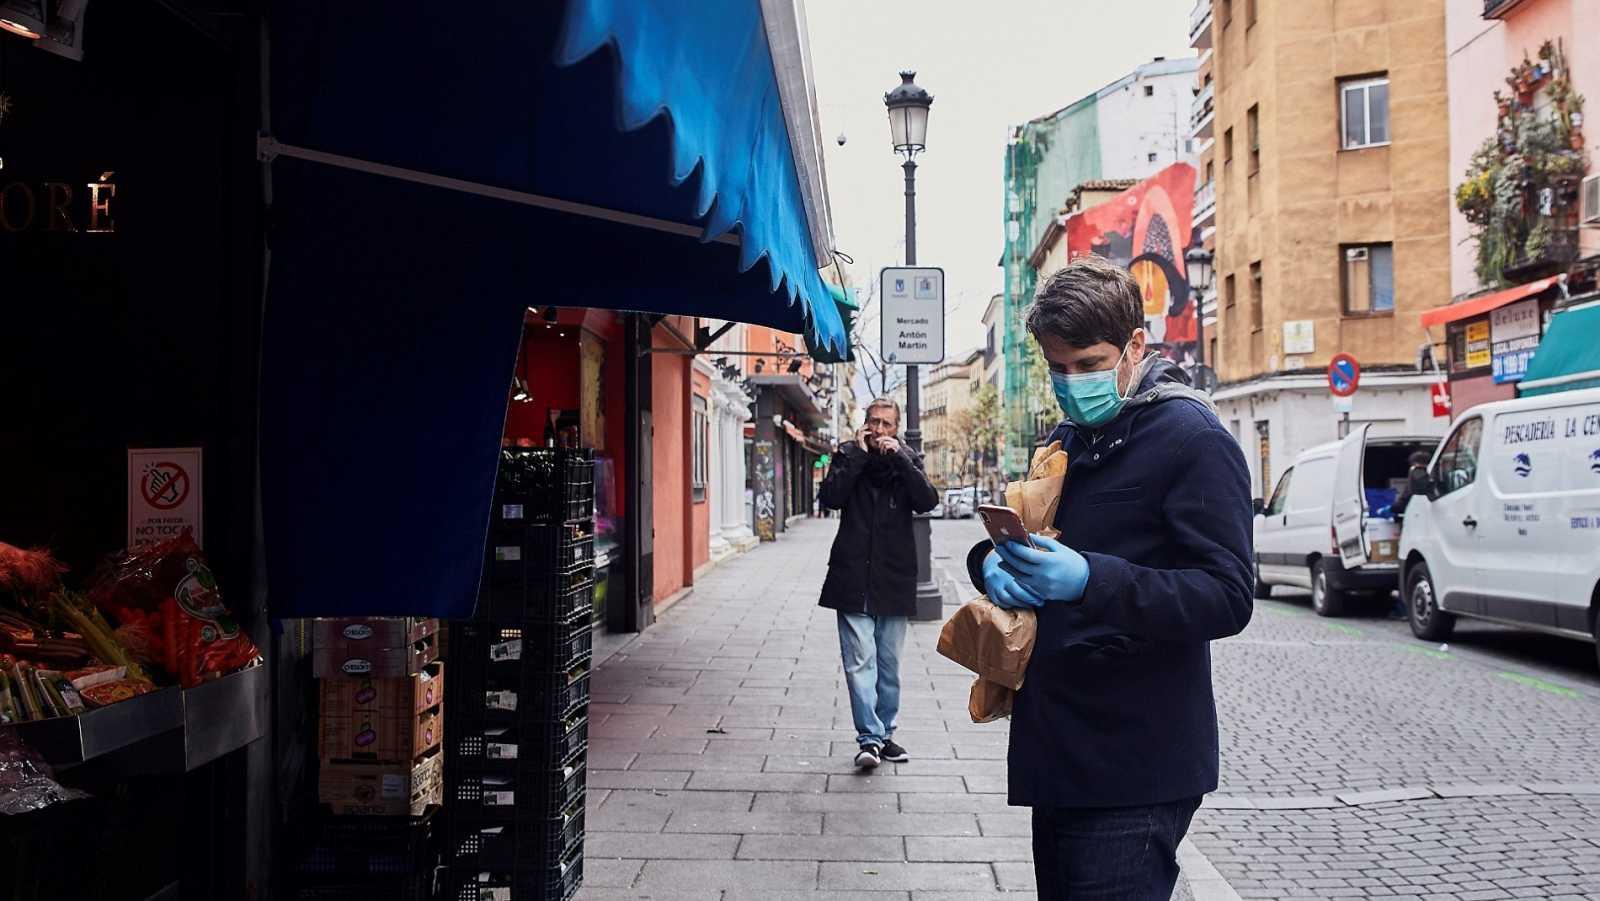 Un hombre espera su turno en una frutería del Mercado de Antón Martín en Madrid.